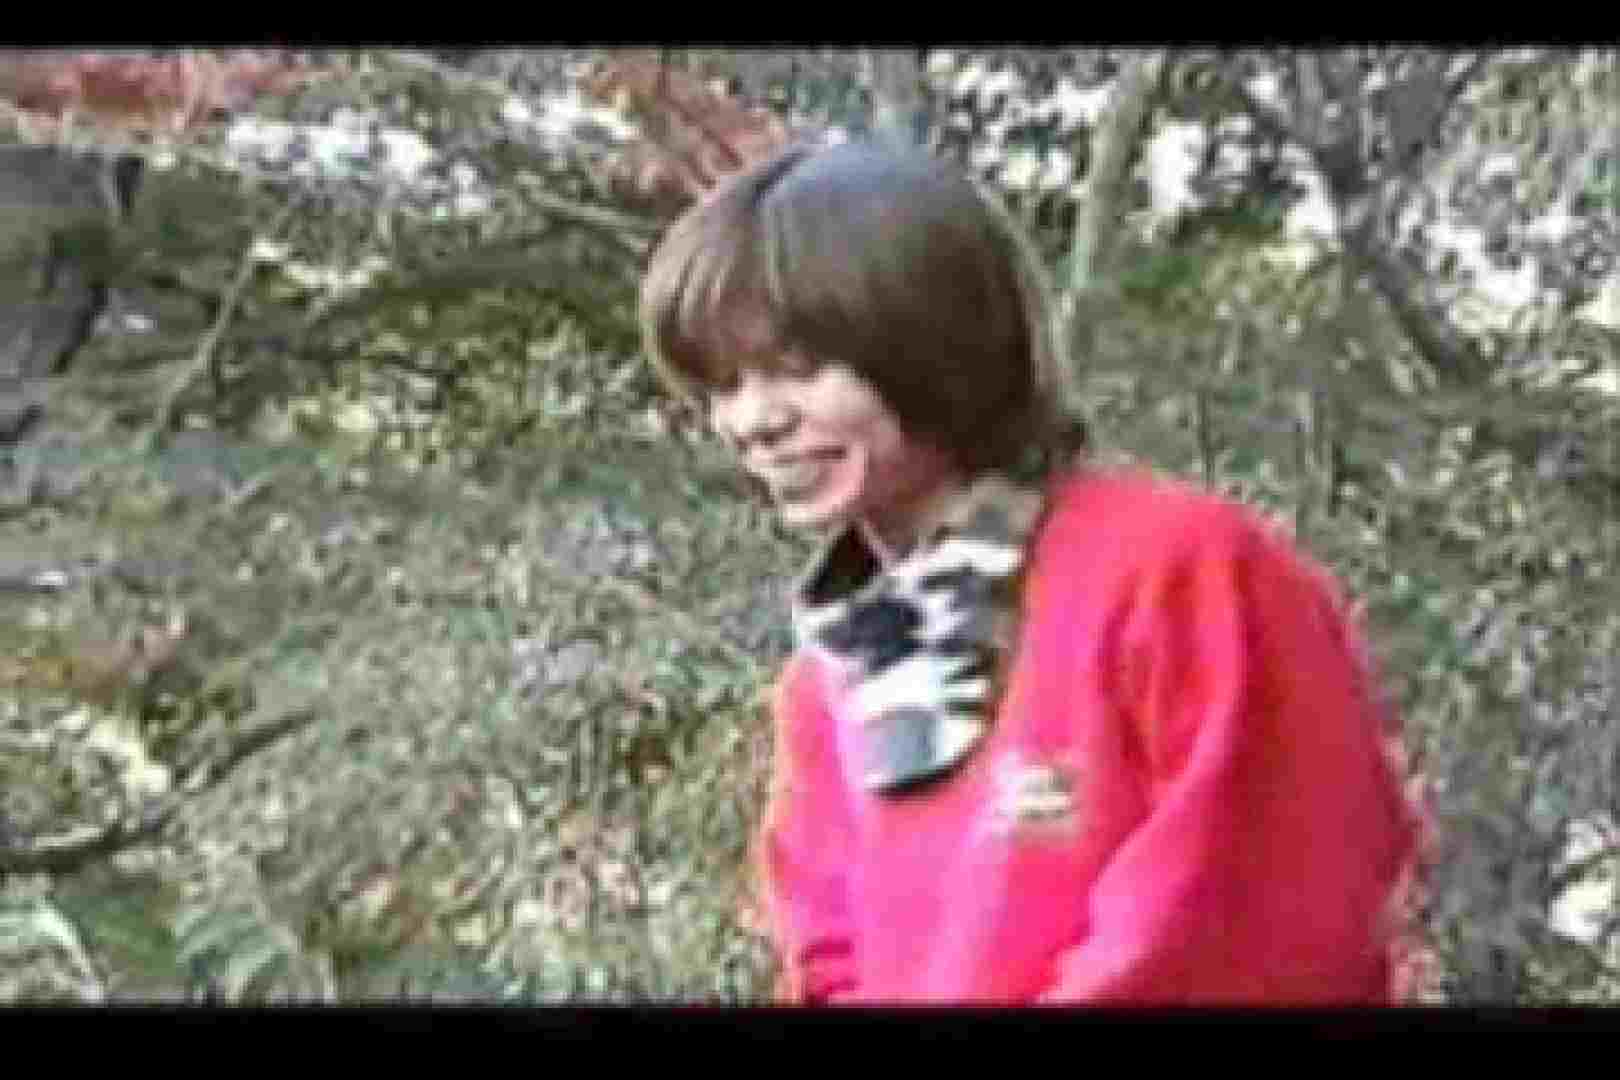 オールドゲイシリーズ  美少年ひかるのオープンファック ボーイズラブ ゲイモロ見え画像 109枚 39